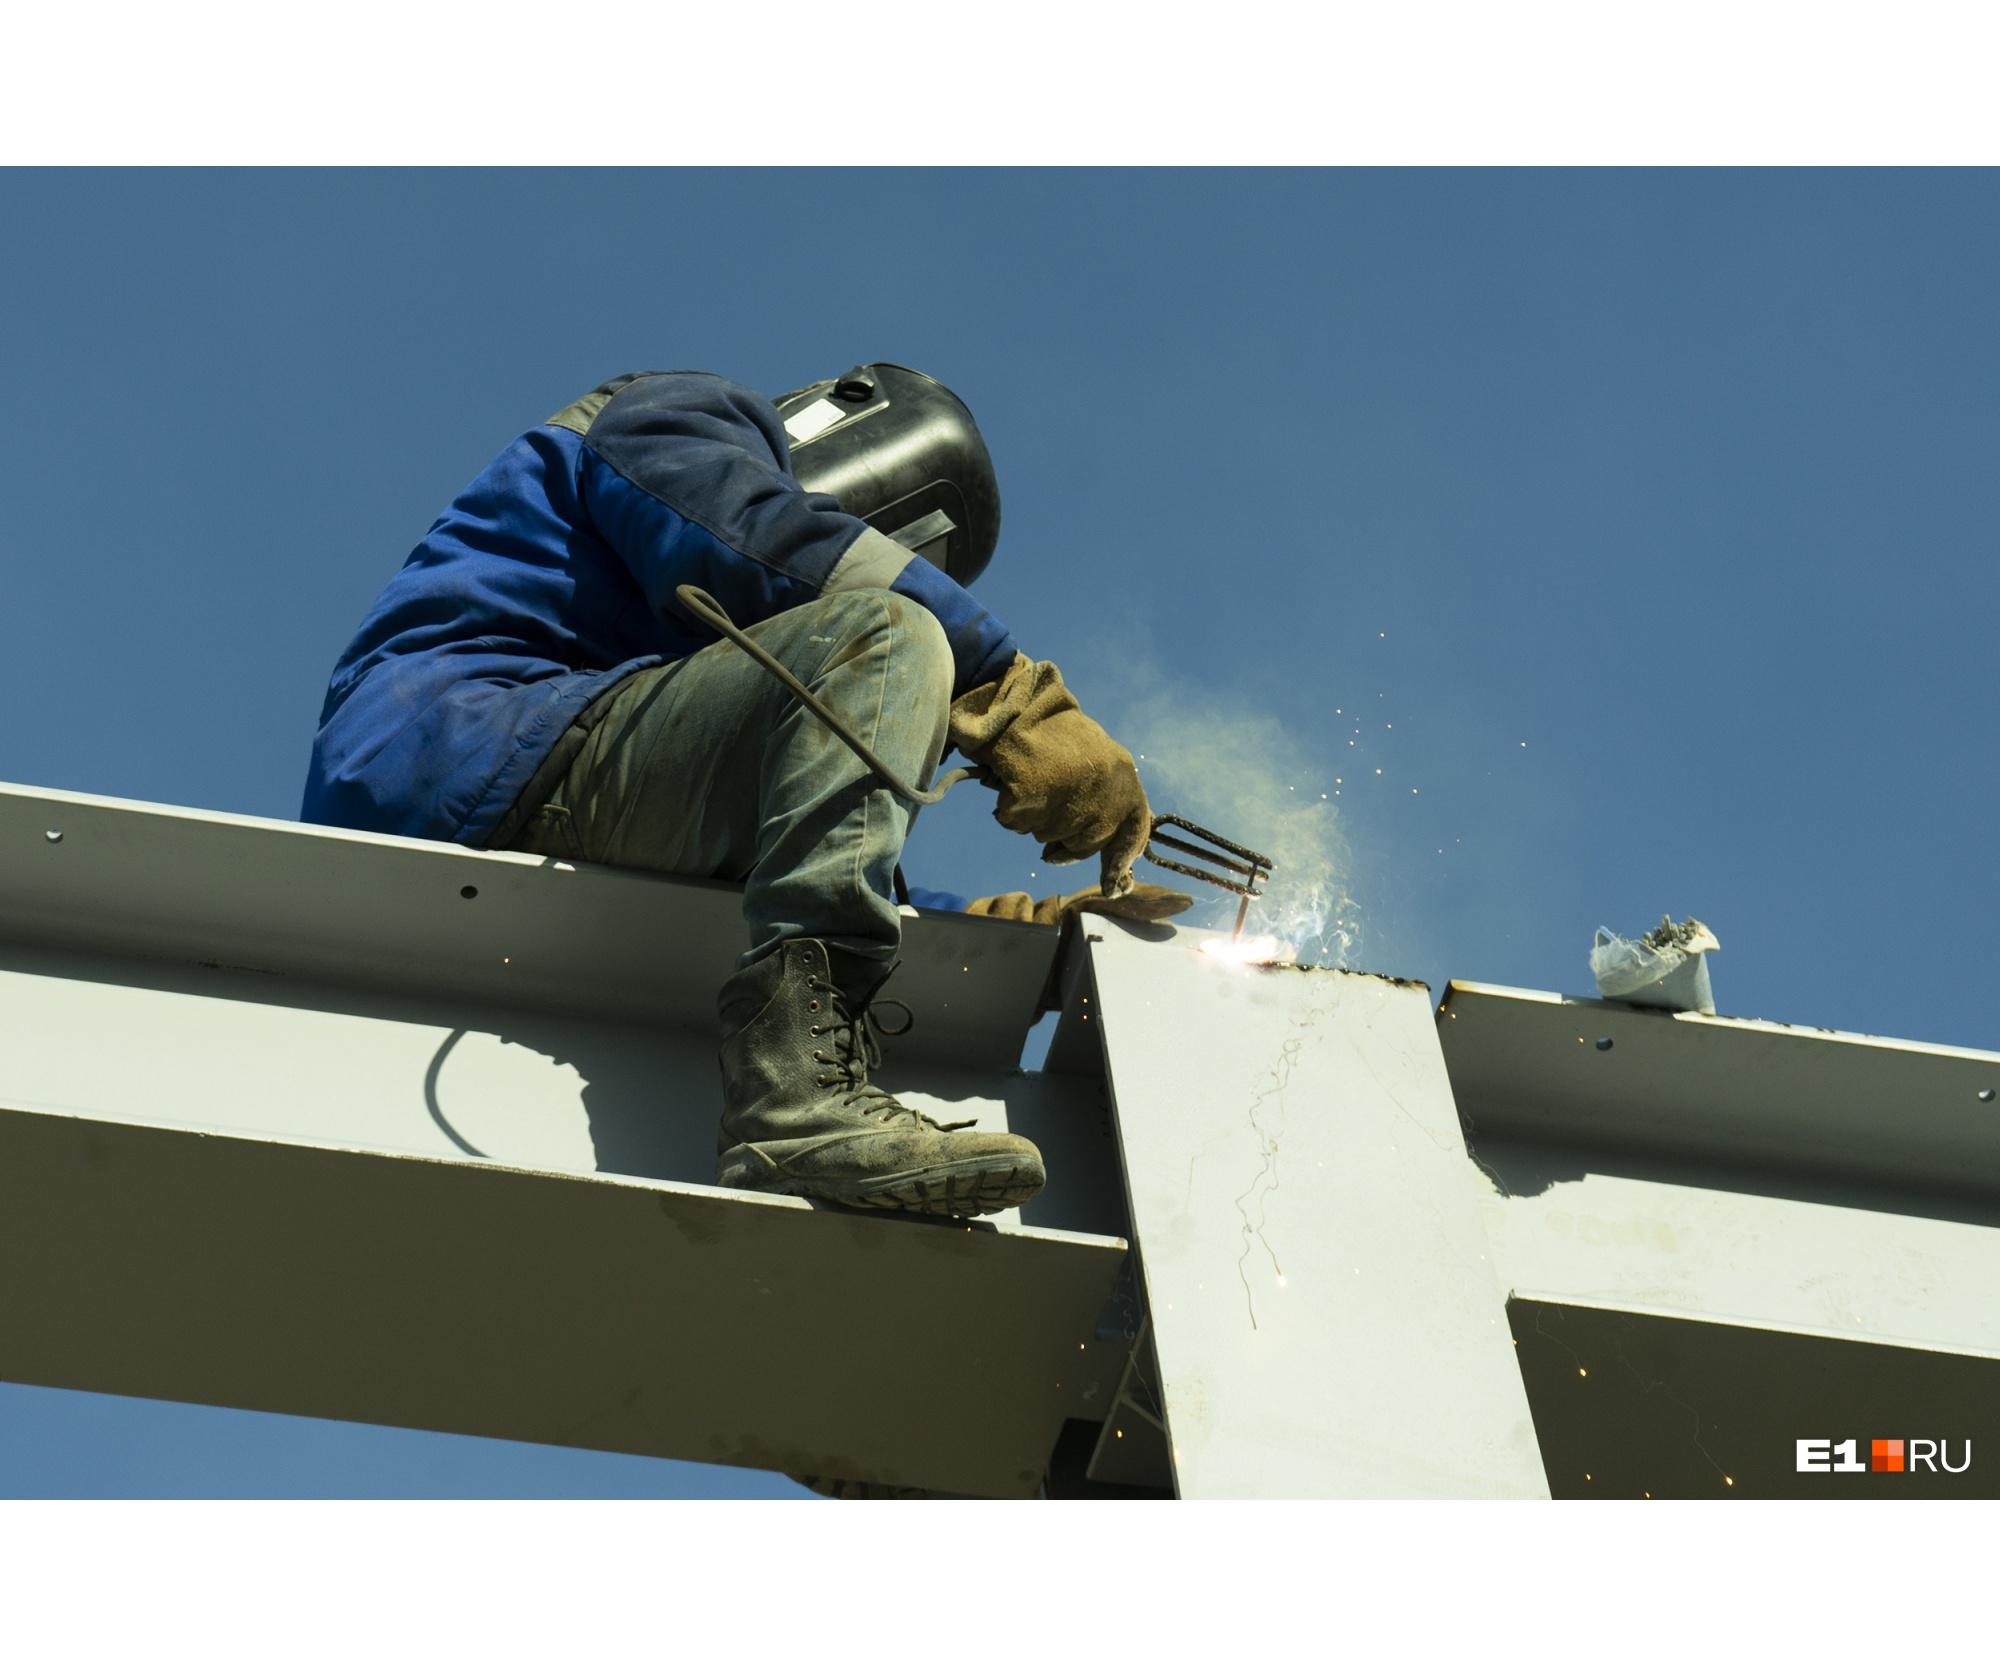 В госпитале должна бытьсистема вентиляции и подачи кислорода, газоотведения, окна, двери, стены